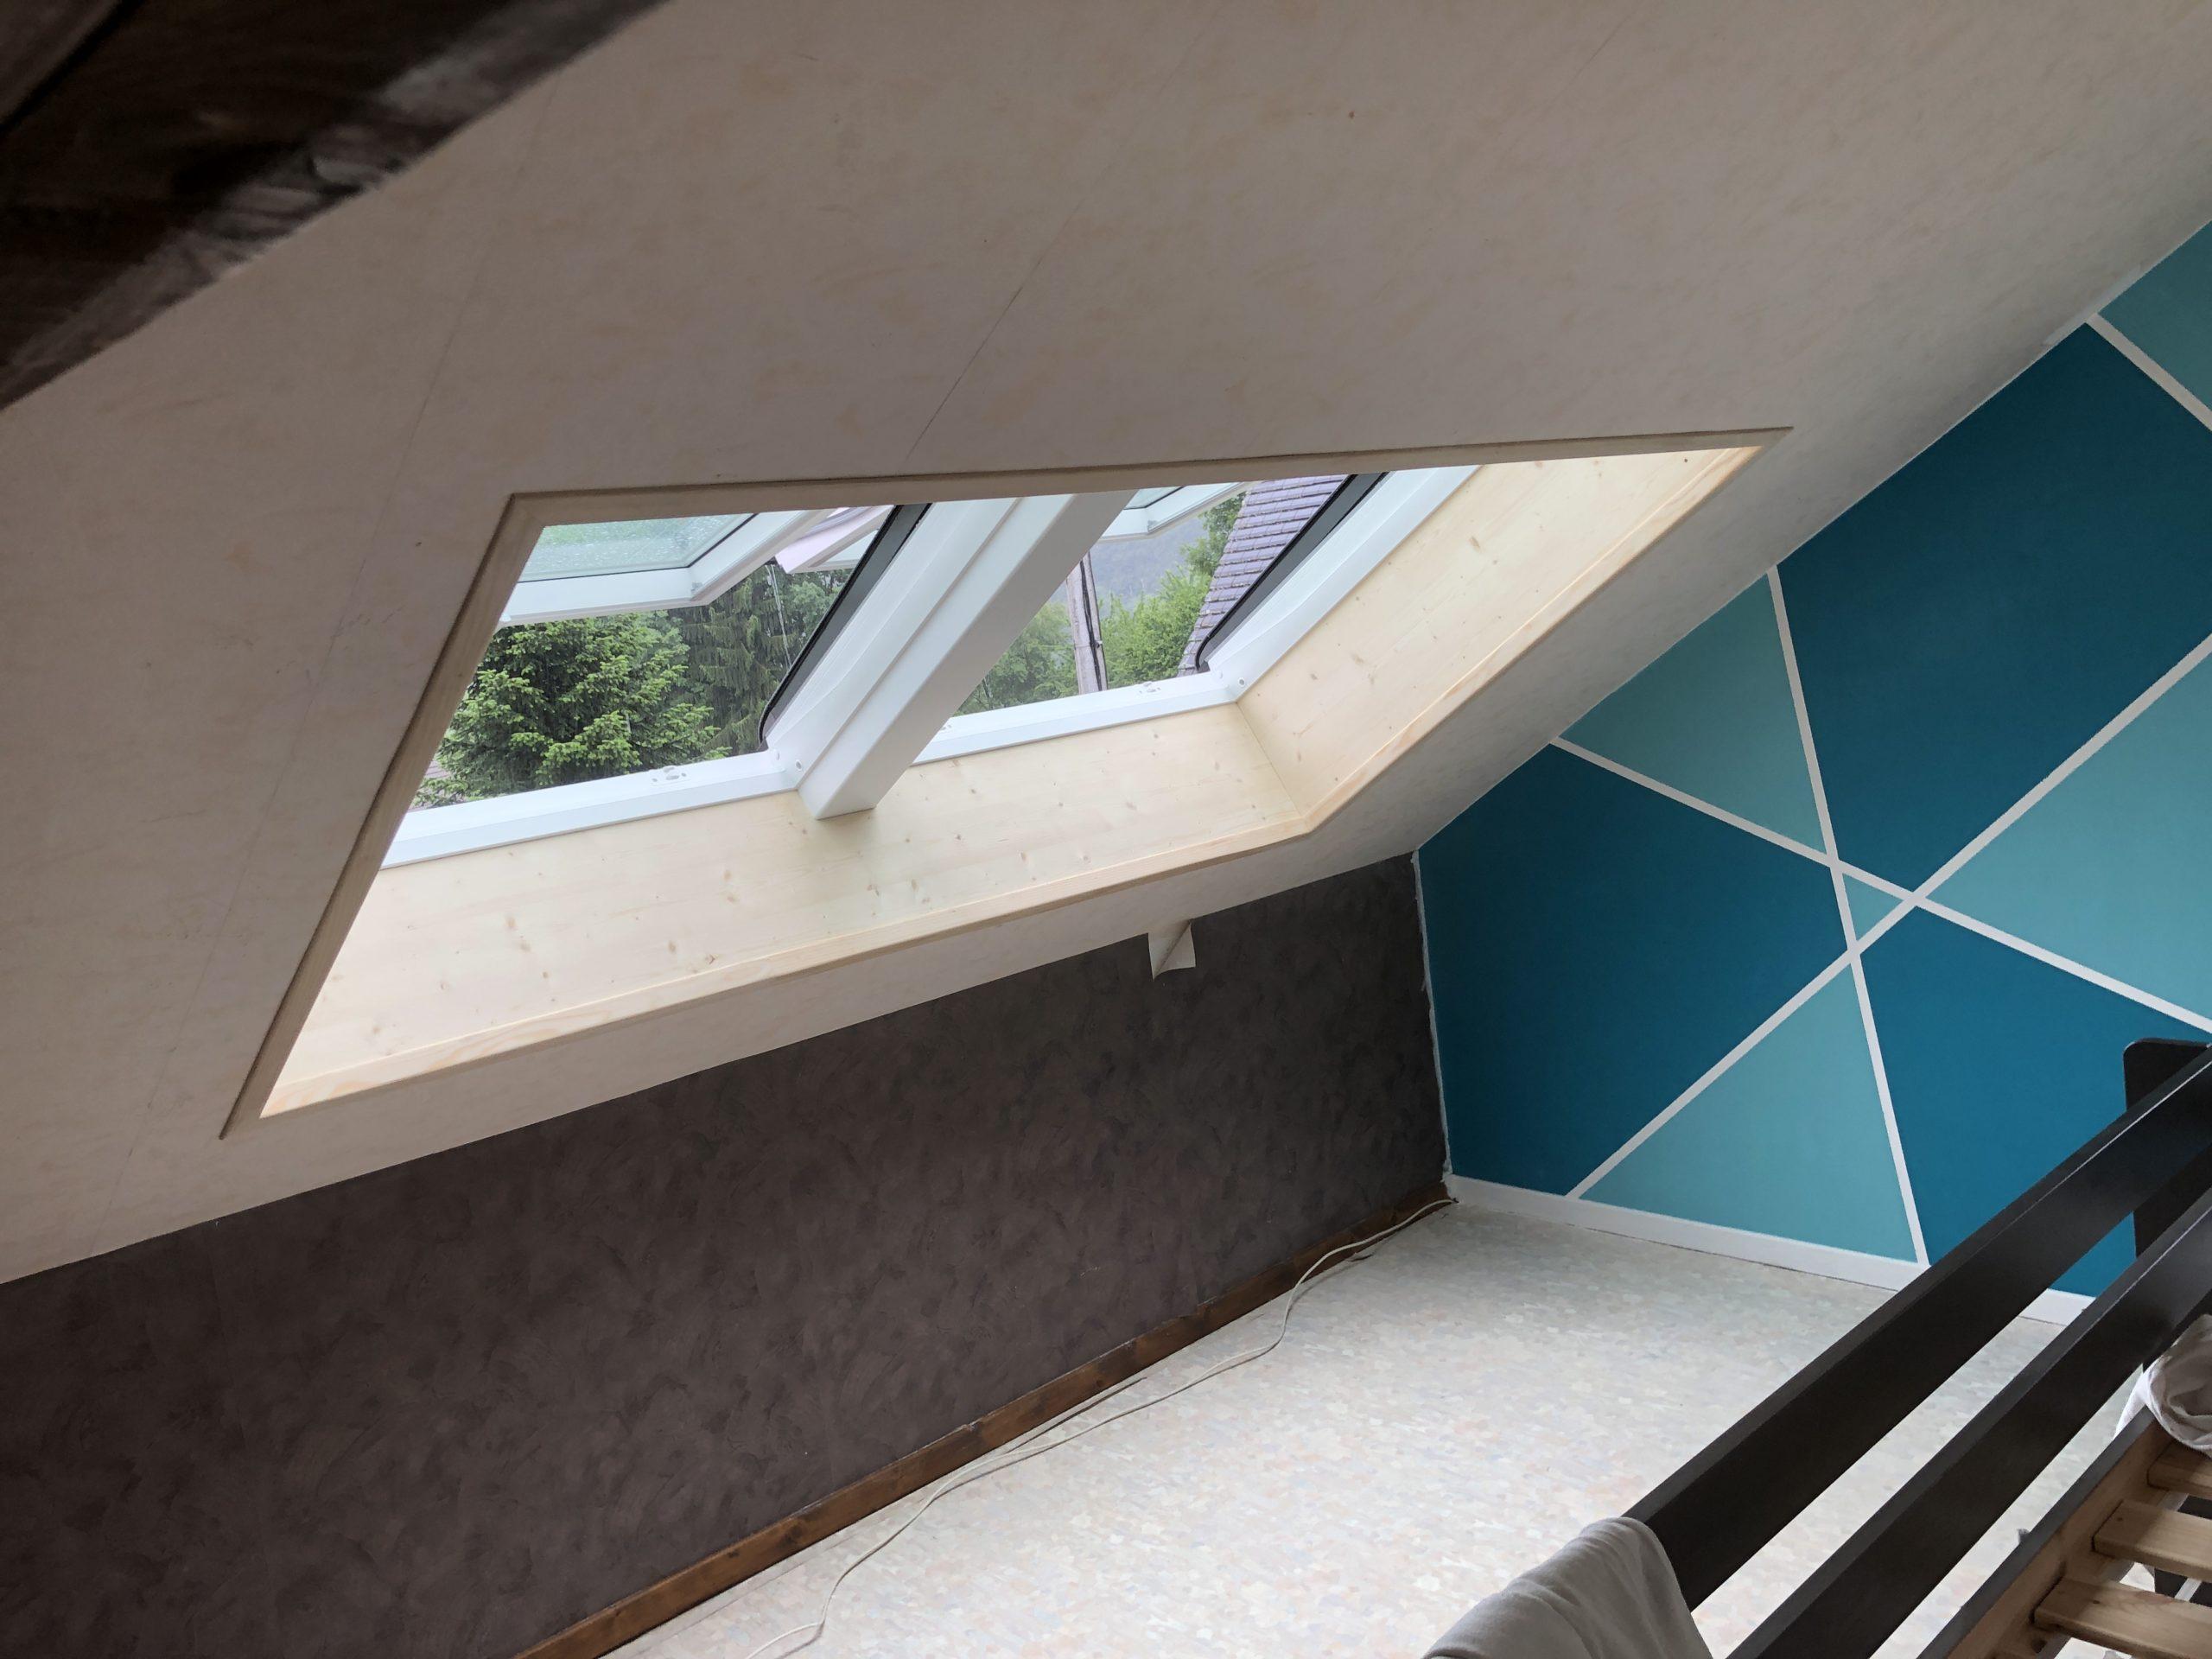 Création et installation d'une double fenêtre de toit VELUX à La Biolle